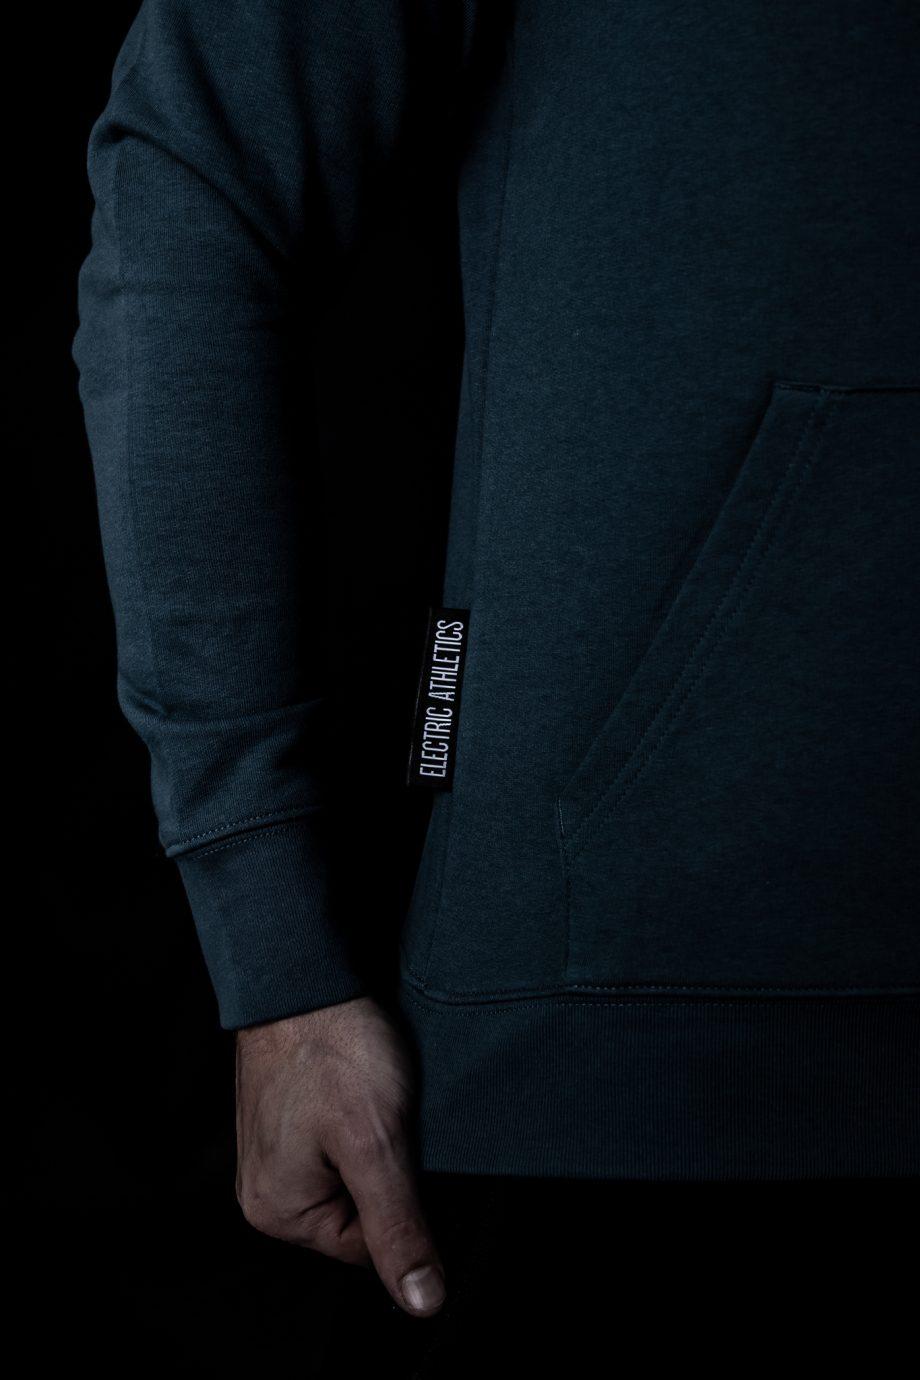 volt hoodie side detail